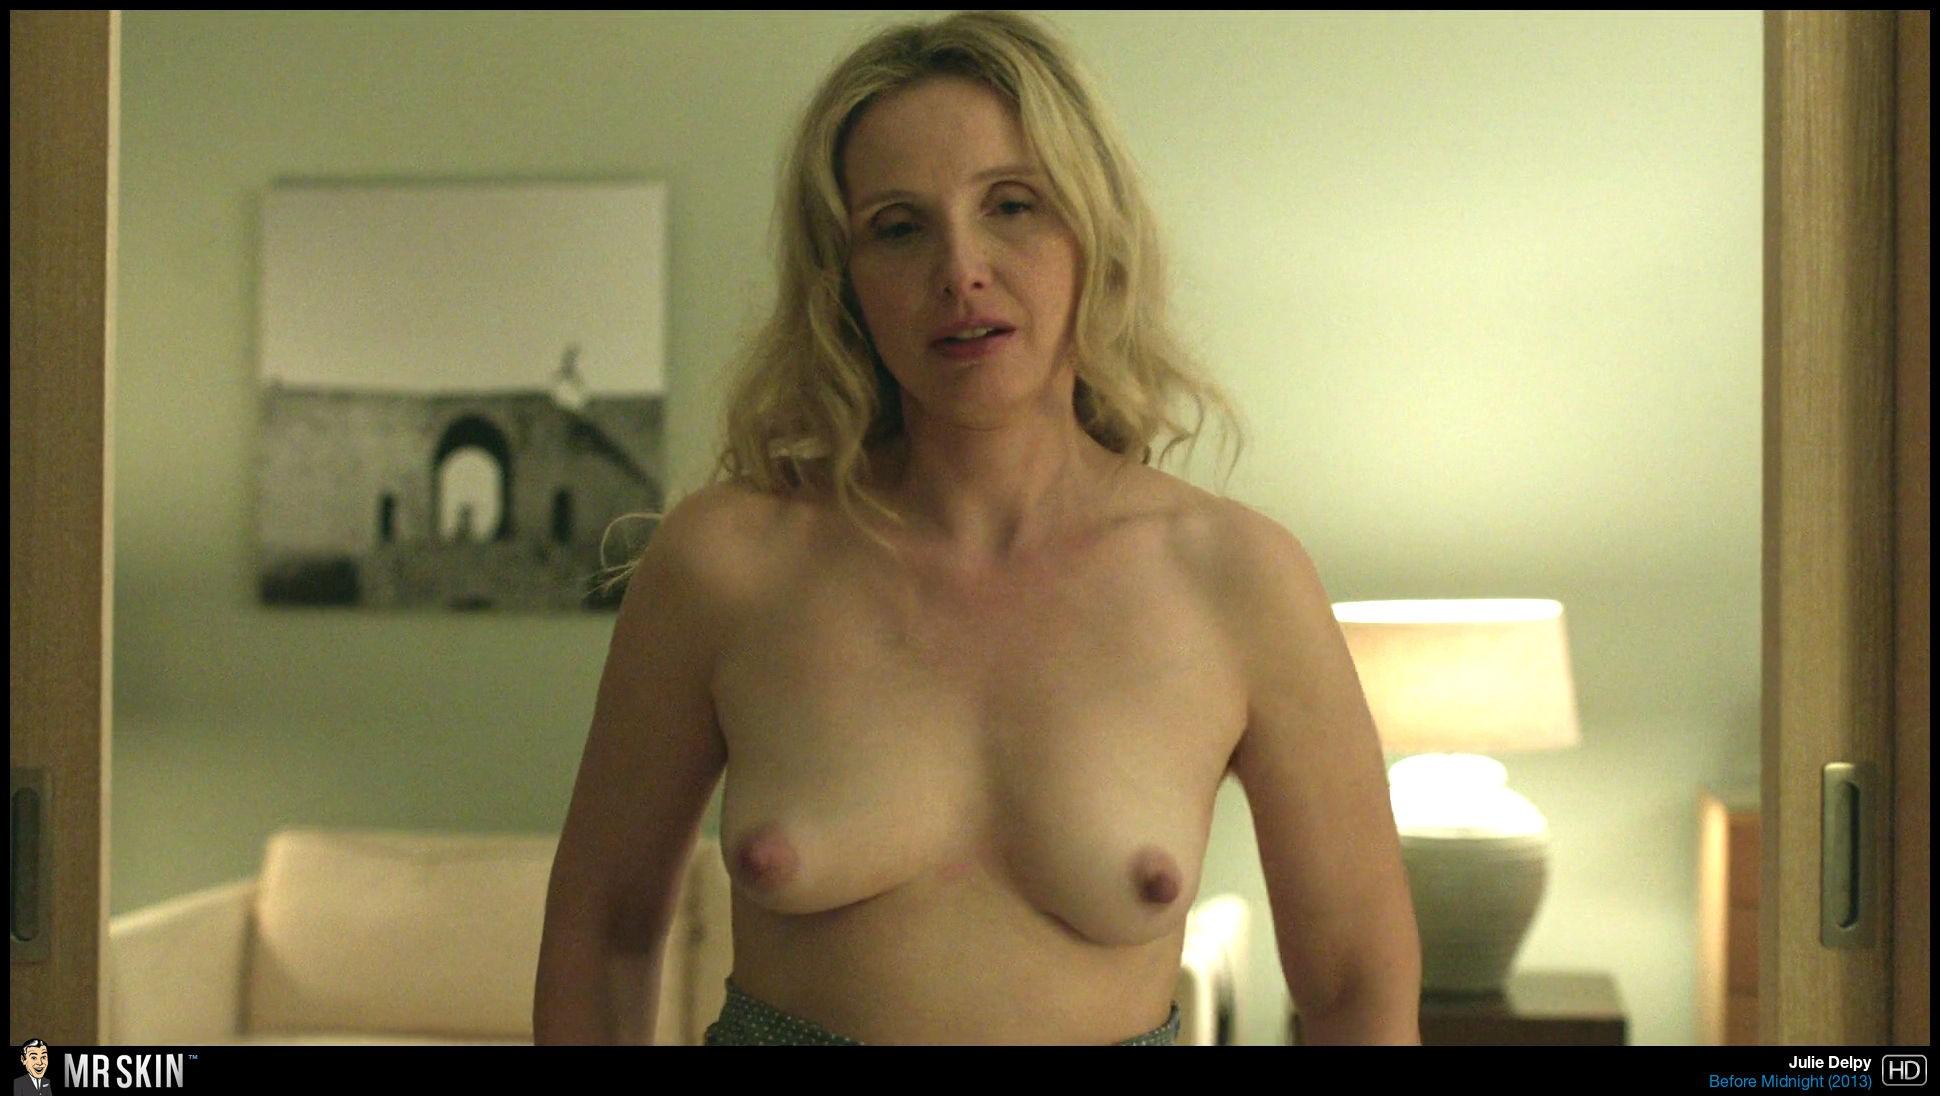 Julie Delpy Desnuda Página 2 Fotos Desnuda Descuido Topless